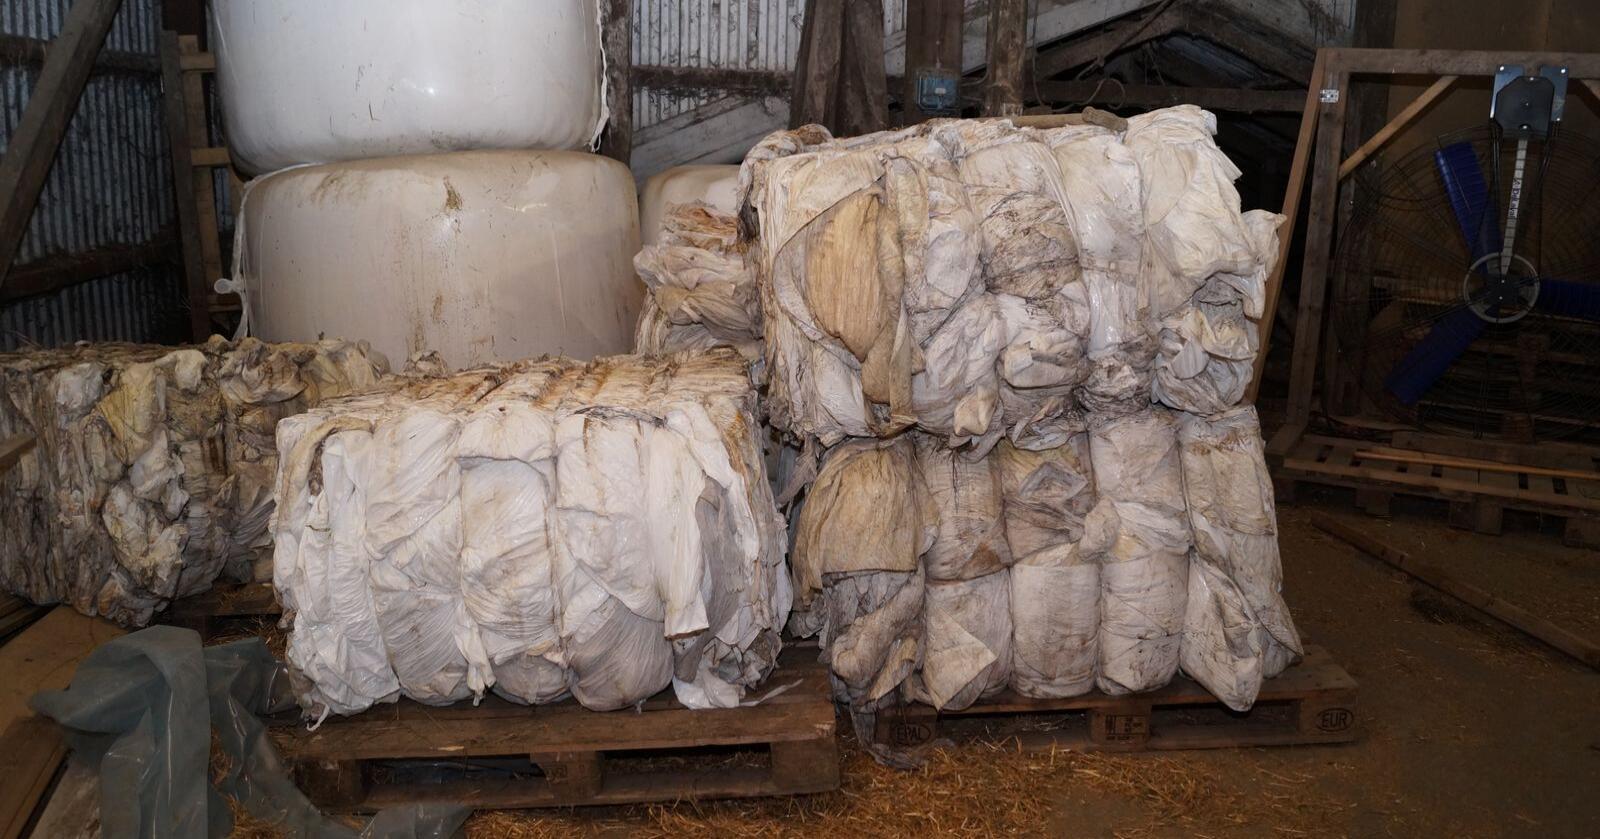 Landbruksplasten må være rein og komprimert, samlet i små eller store sekker, slik at Felleskjøpet enkelt kan løfte plasten på bilen. Arkivfoto: Norsk Landbruk